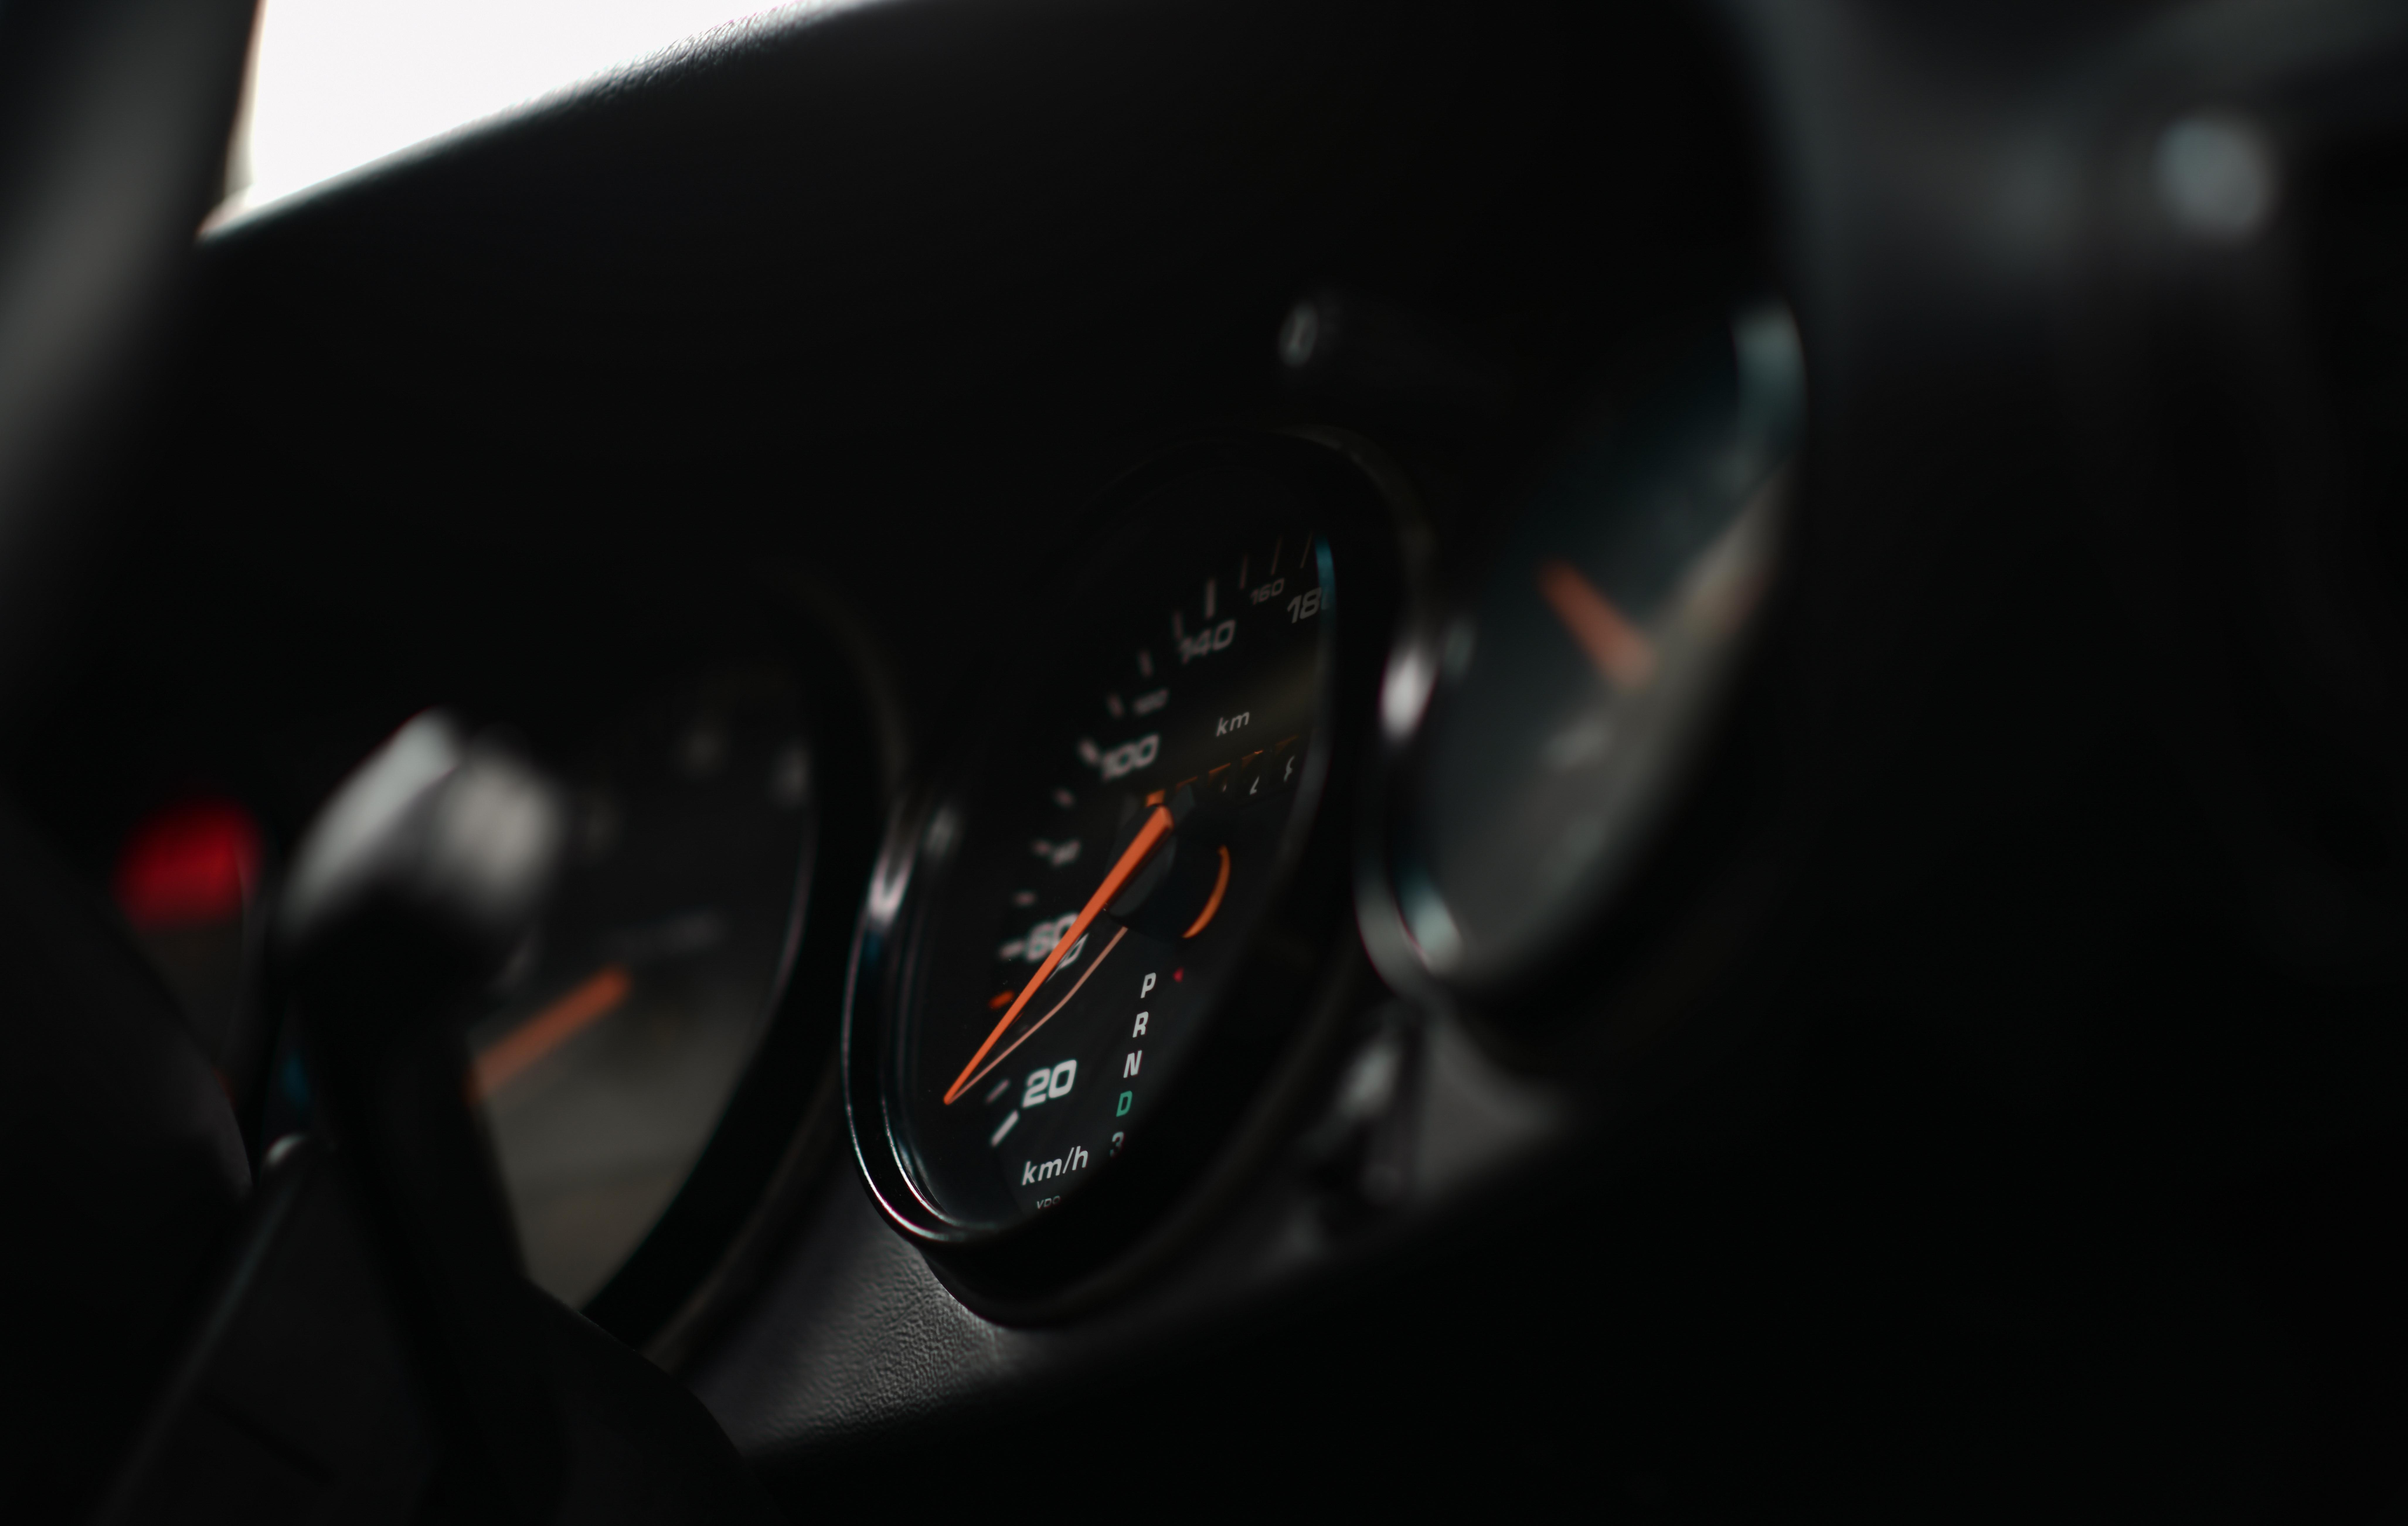 114562 скачать обои Черный, Тачки (Cars), Машина, Панель Управления, Салон, Спидометр - заставки и картинки бесплатно